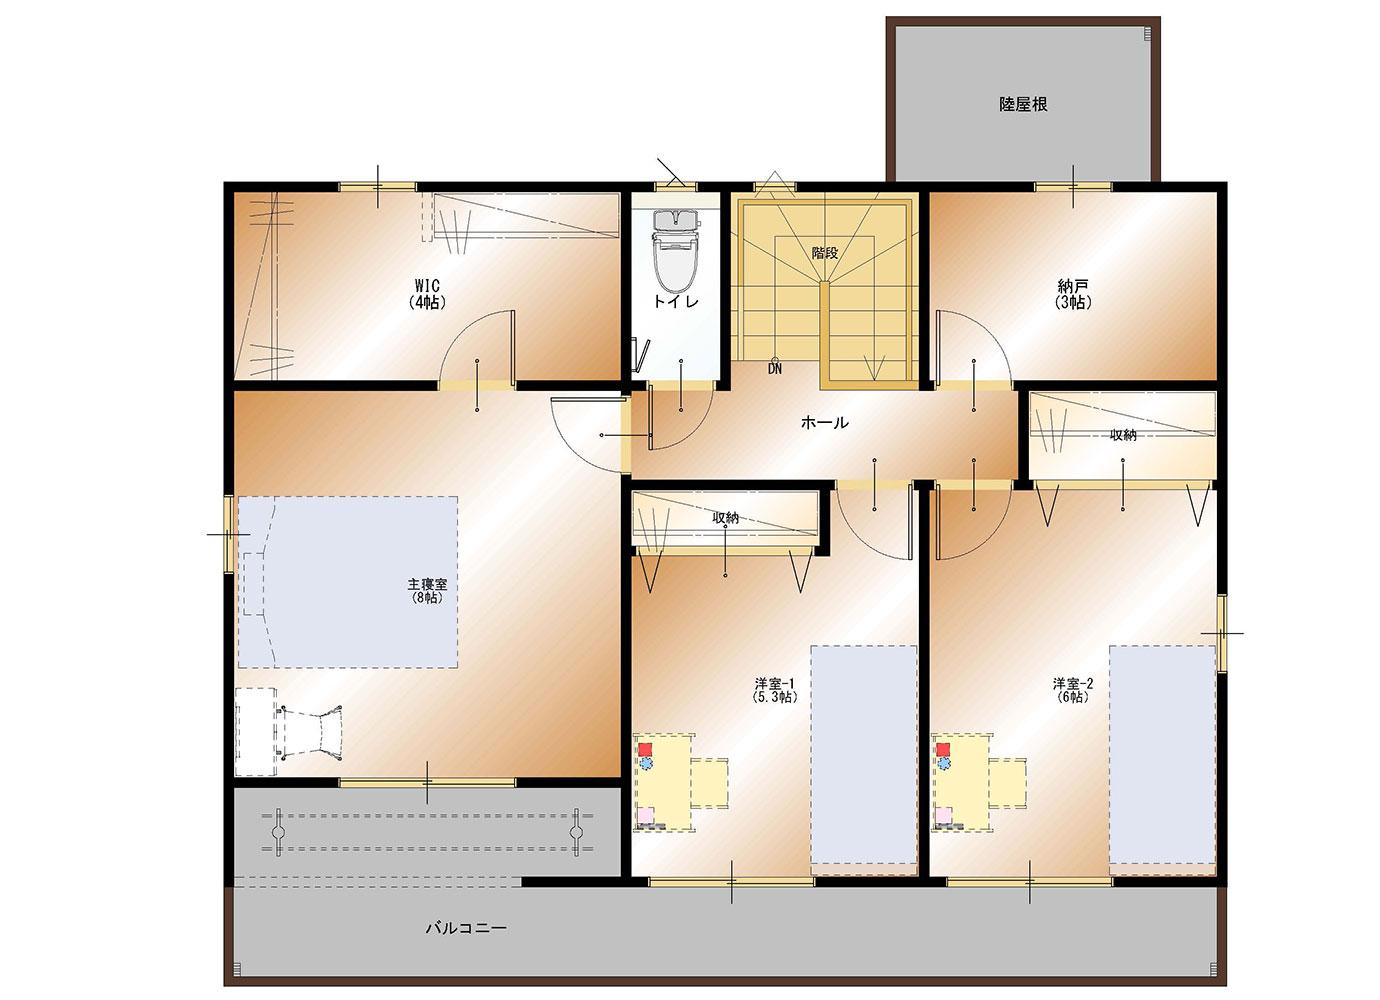 甲斐市下今井E39号棟 建売住宅 平面図2F